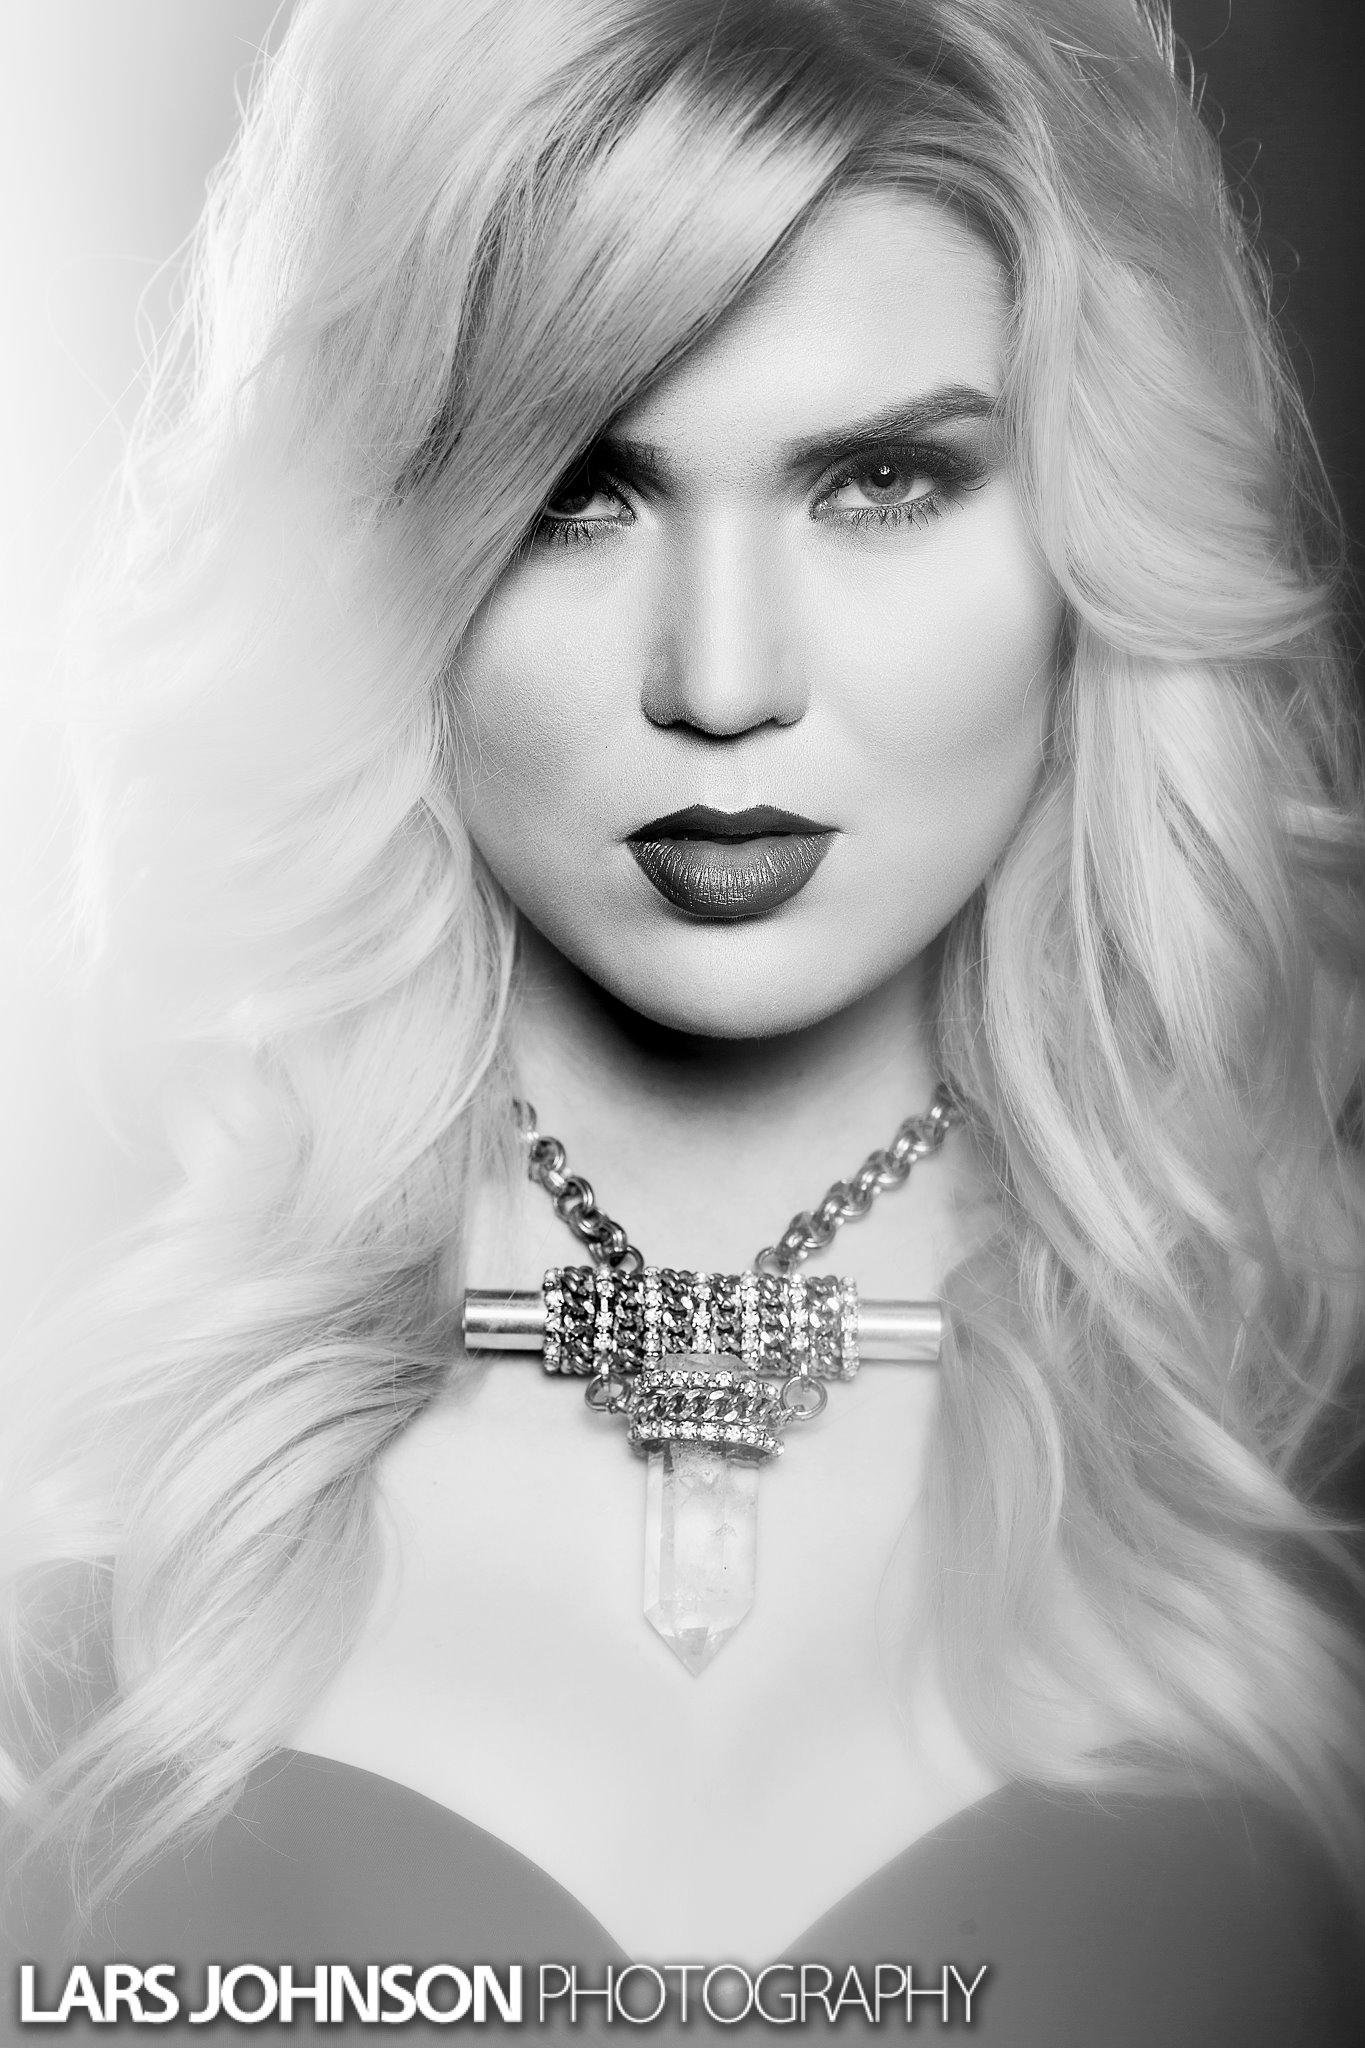 Miss Finland 2014 - Bea Toivonen